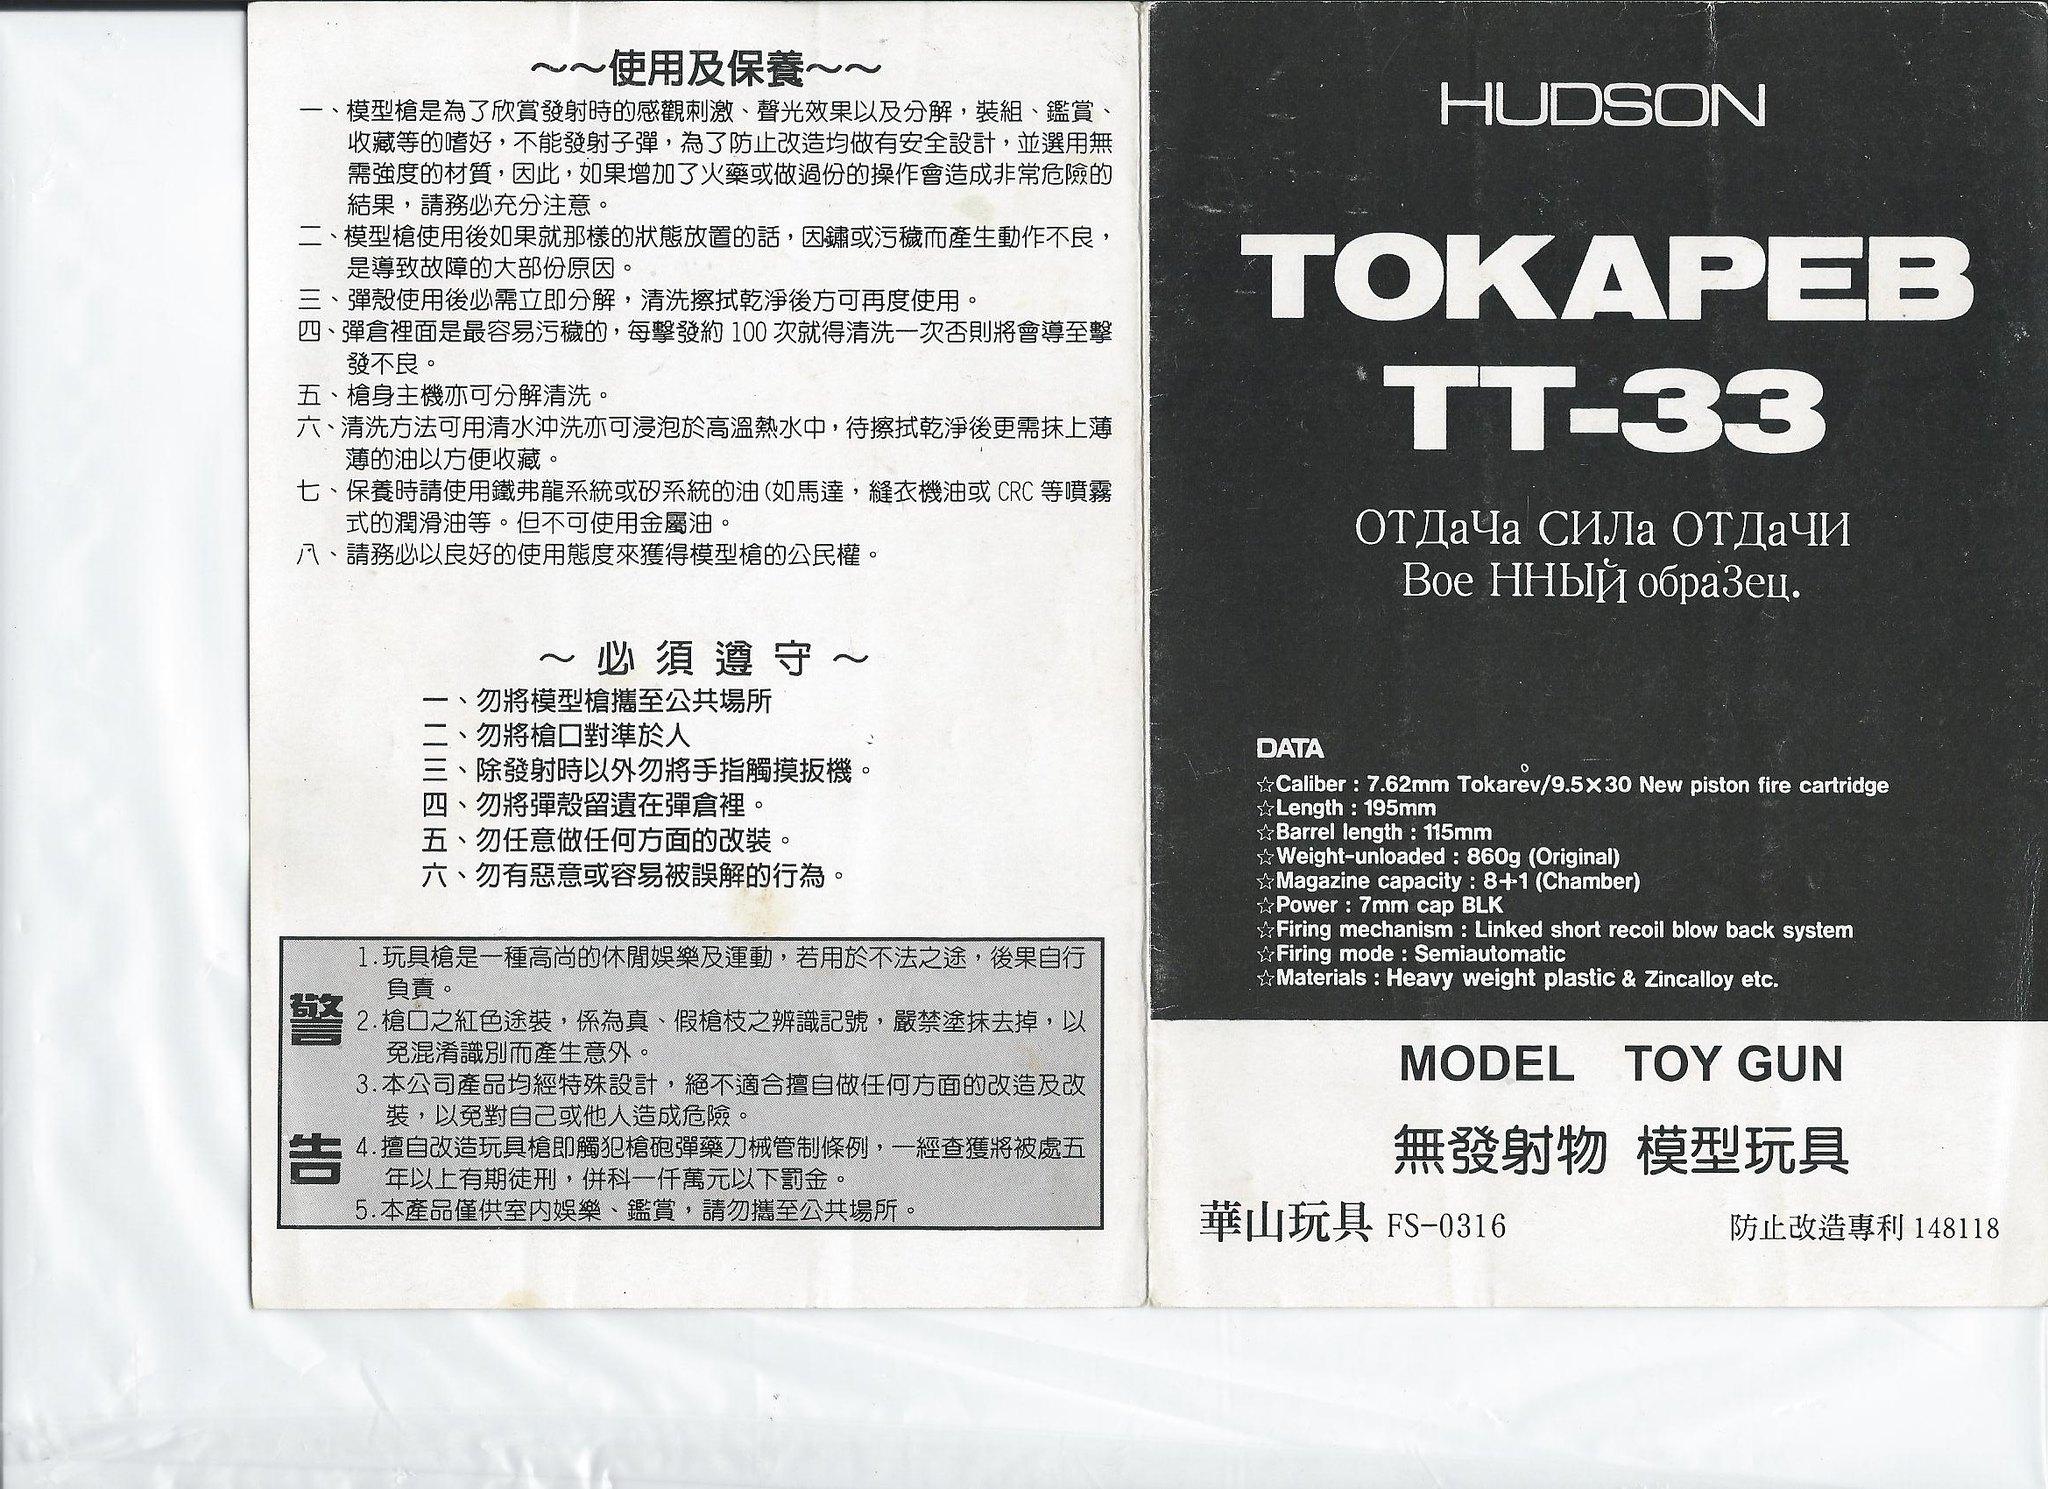 tokarev tt 33 manual ebook download rh huallywood co TT-33 Tokarev Magazine Tokarev TT-33 World War 2